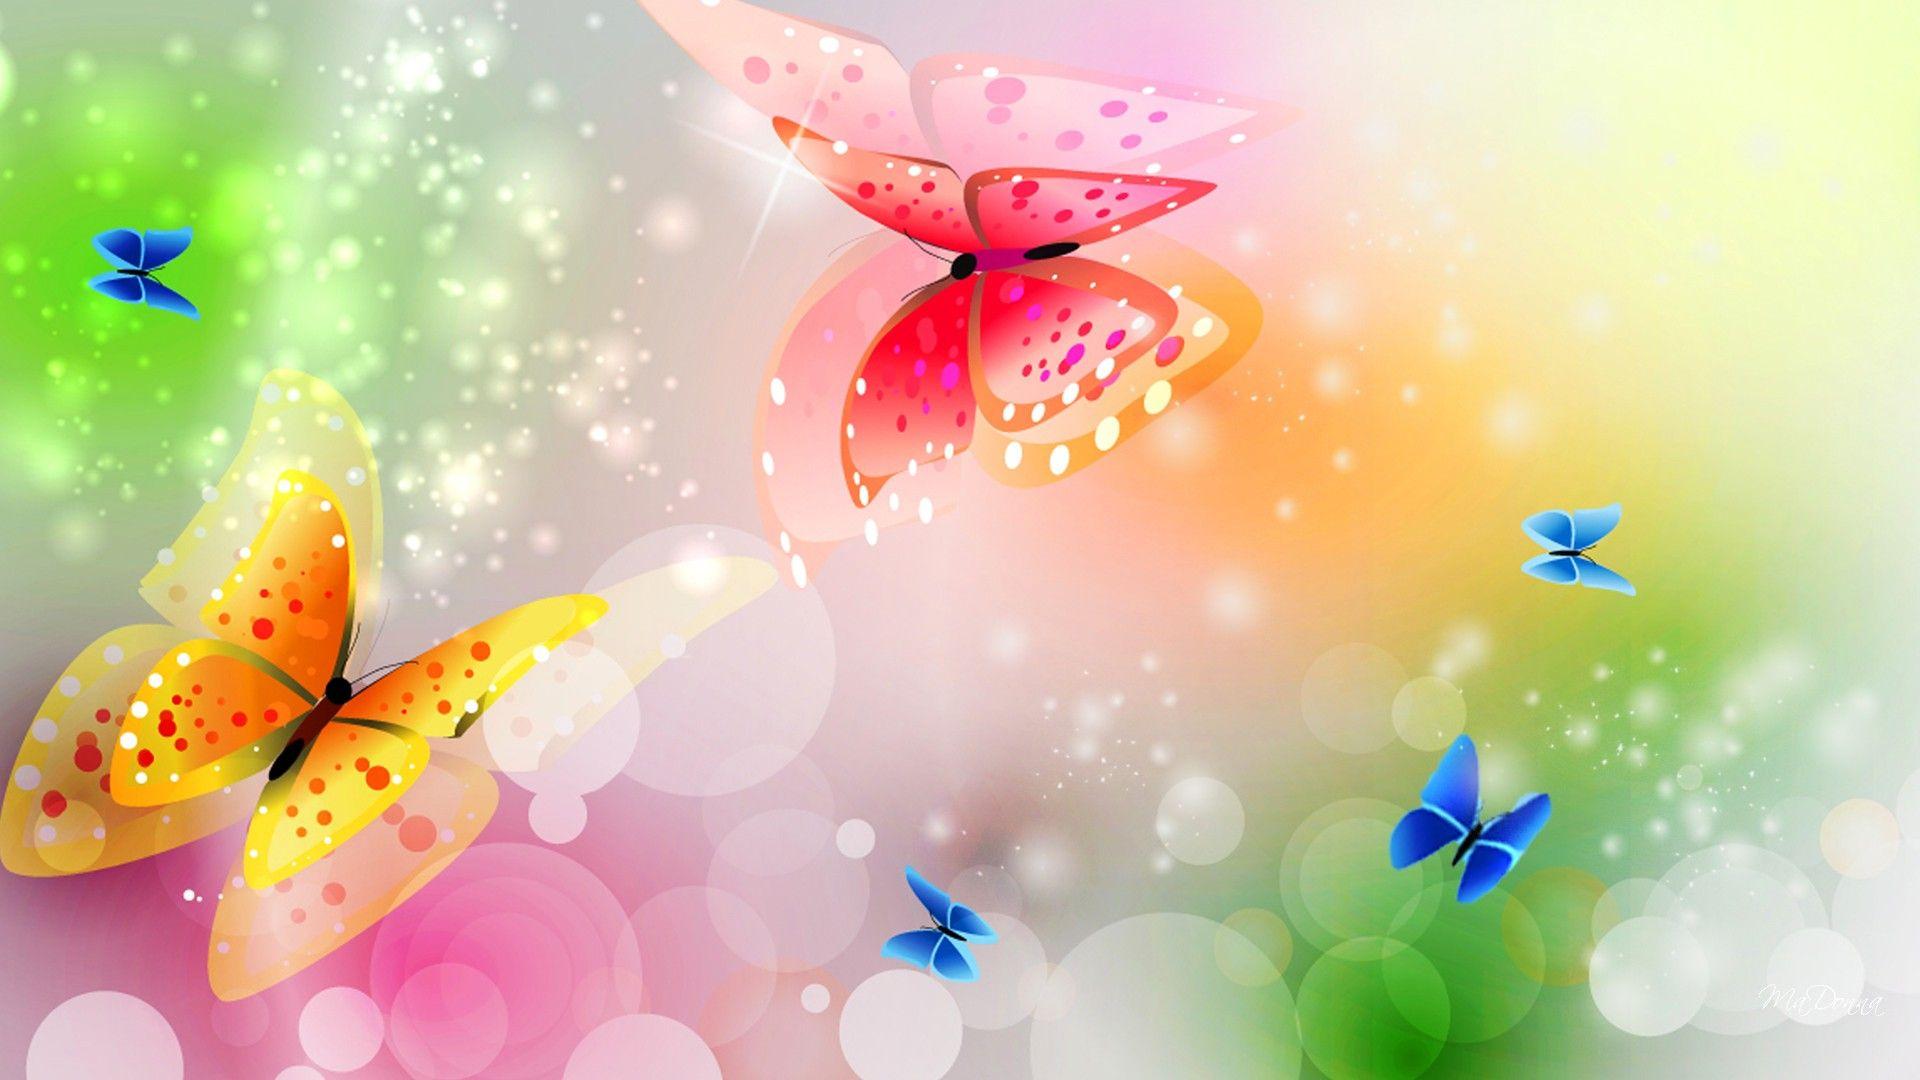 butterfly heaven wallpaper - photo #24